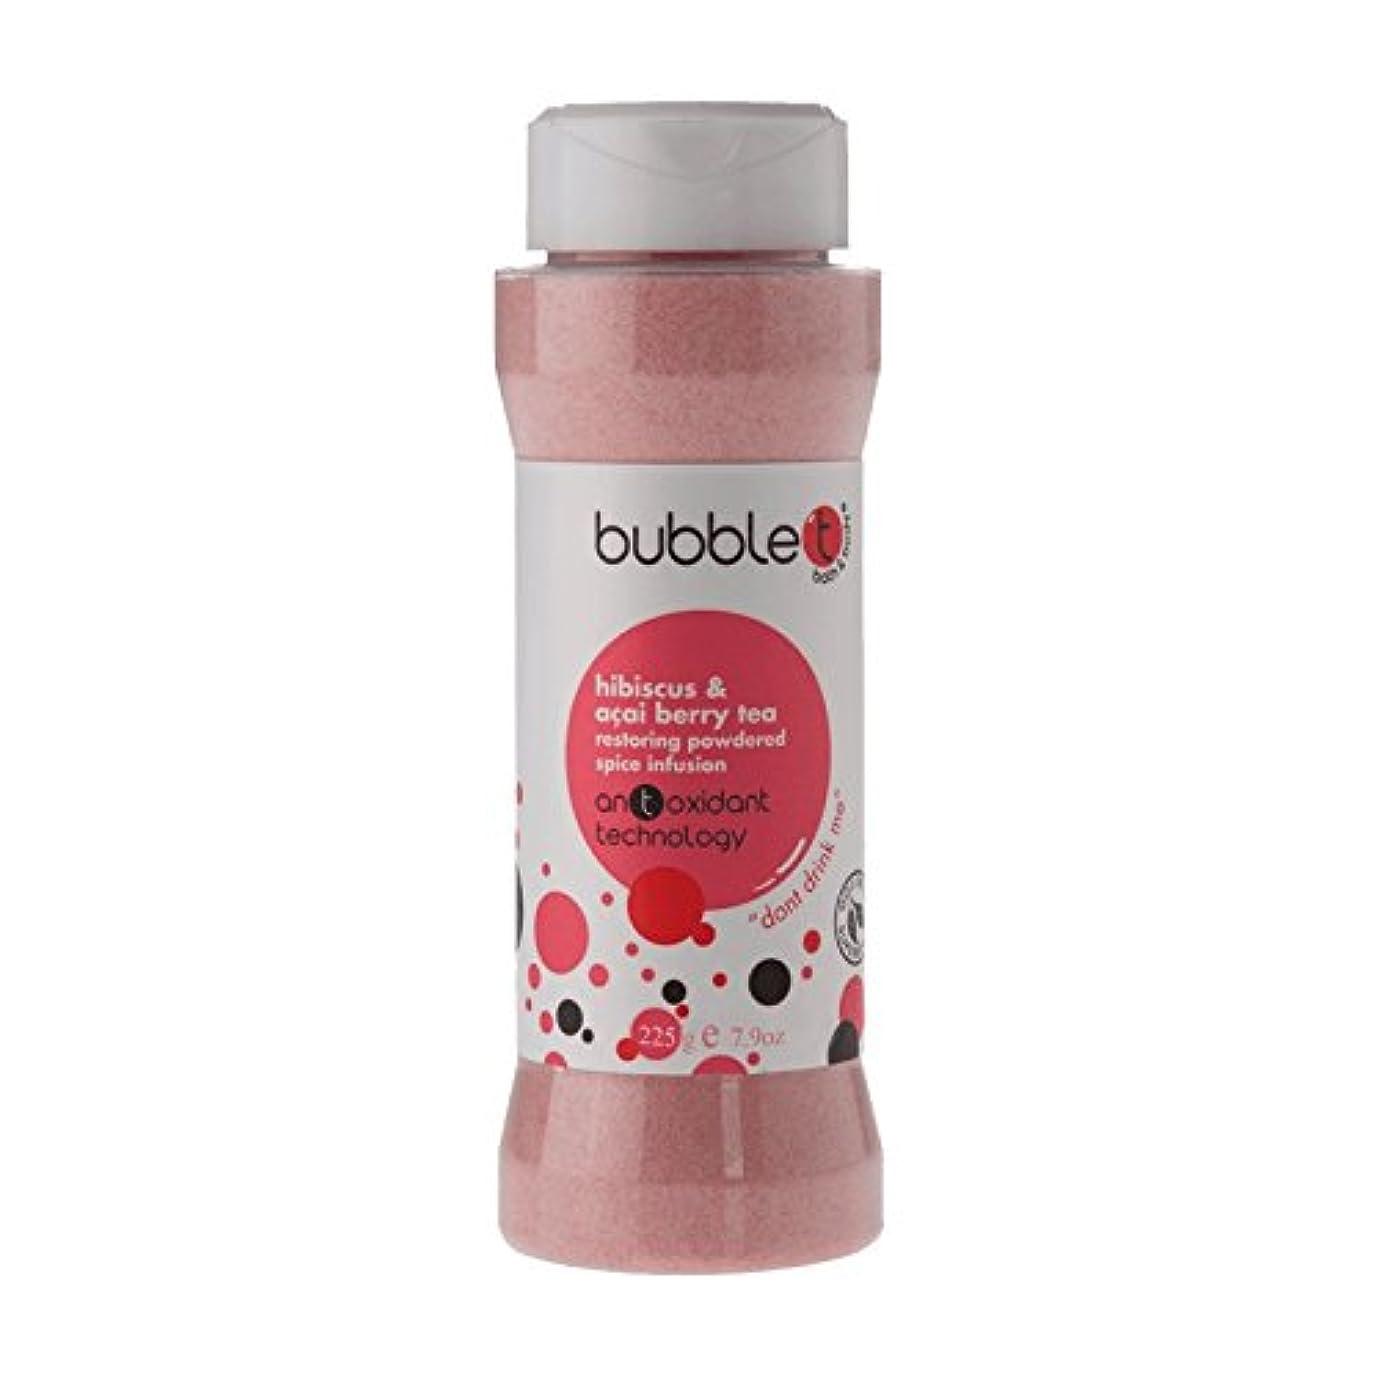 ほとんどない意図する適合するバブルトン風呂スパイス注入ハイビスカス&アサイベリー茶225グラム - Bubble T Bath Spice Infusion Hibiscus & Acai Berry Tea 225g (Bubble T) [並行輸入品]